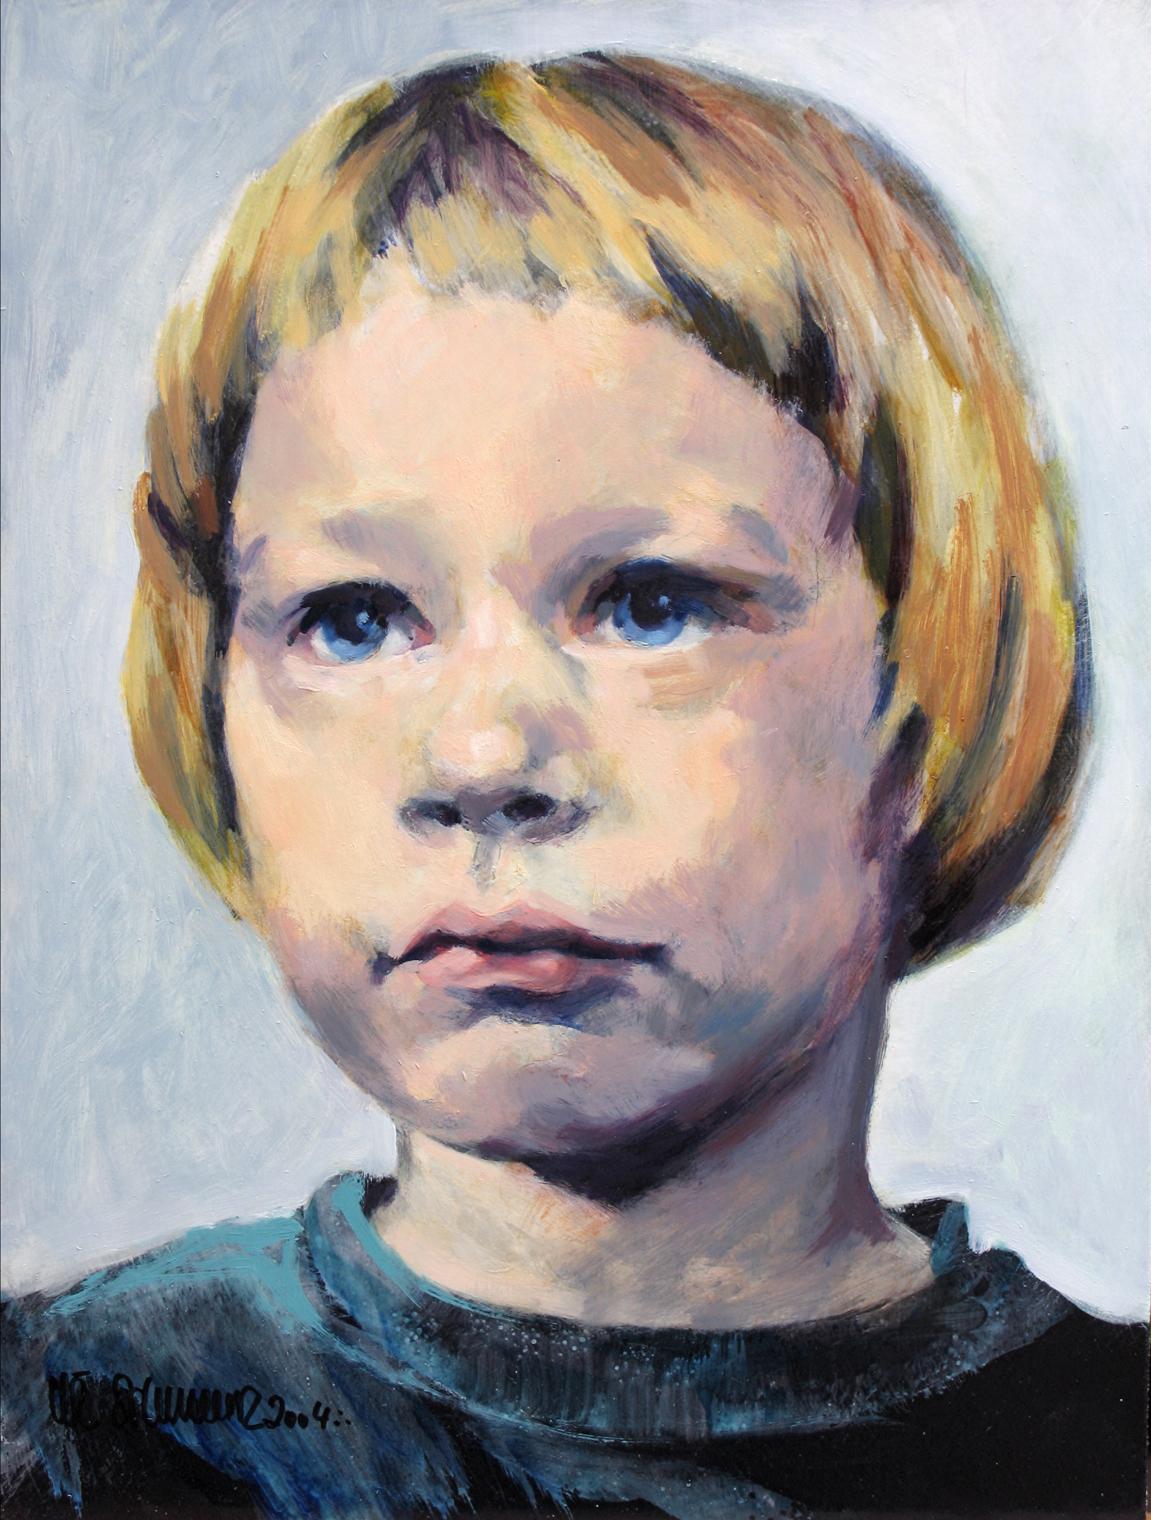 2004, Ingo, Mischtechnik auf Hartfaser, 40 x 30 cm, unverk.